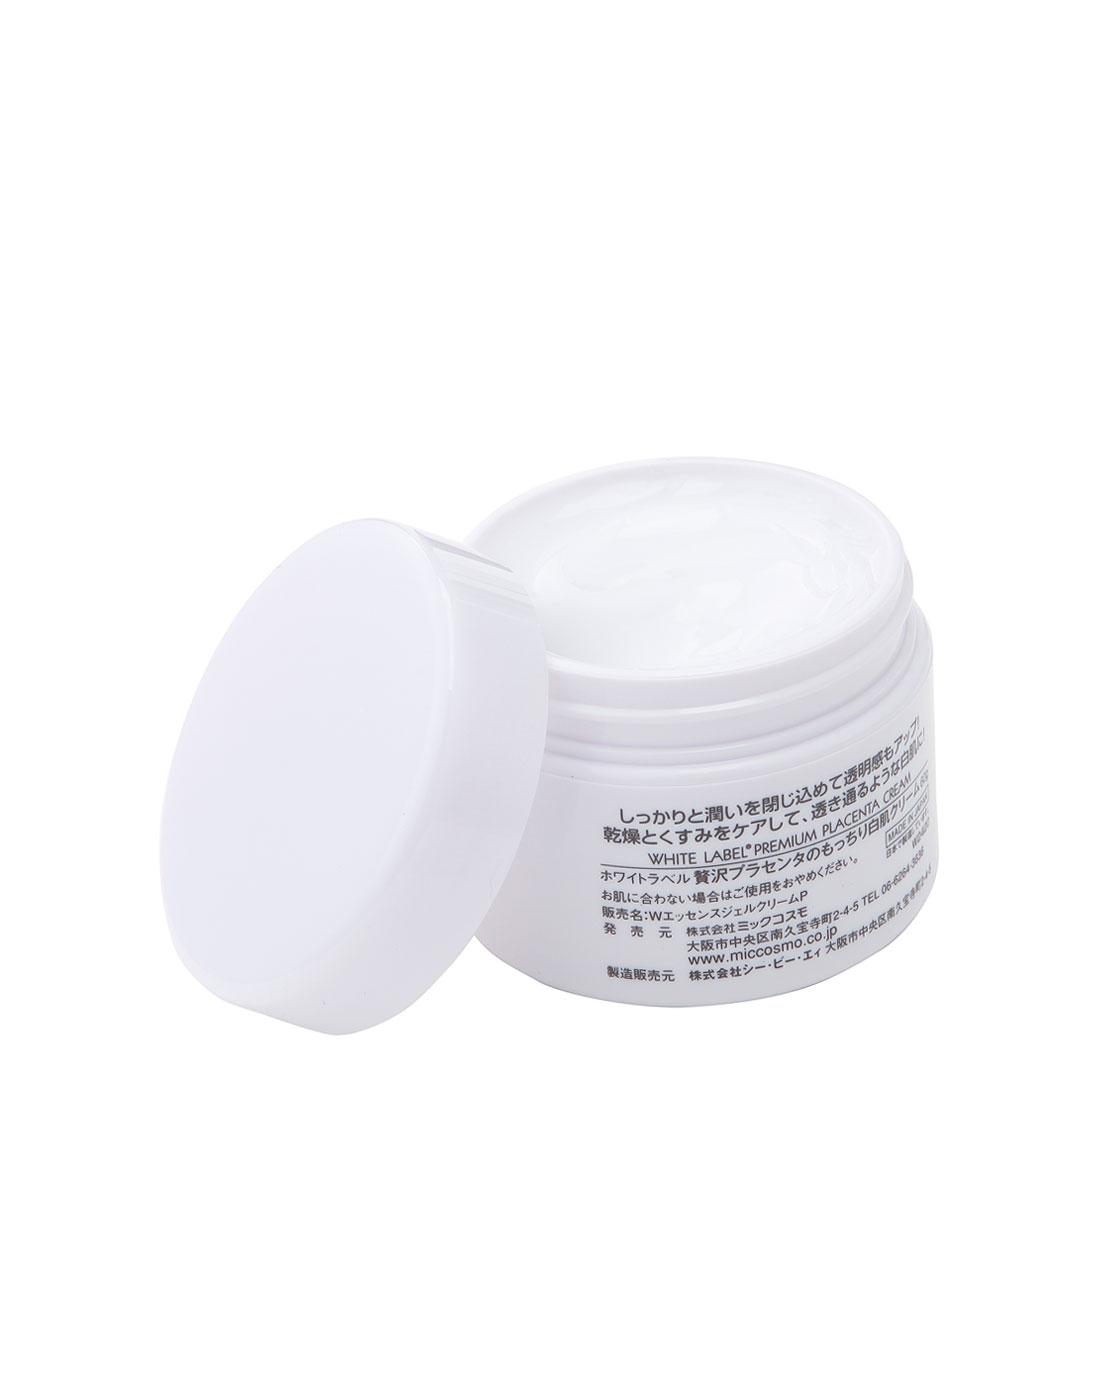 miccosmo&pdc专场miccosmo 胎盘素白肌精华霜 60g